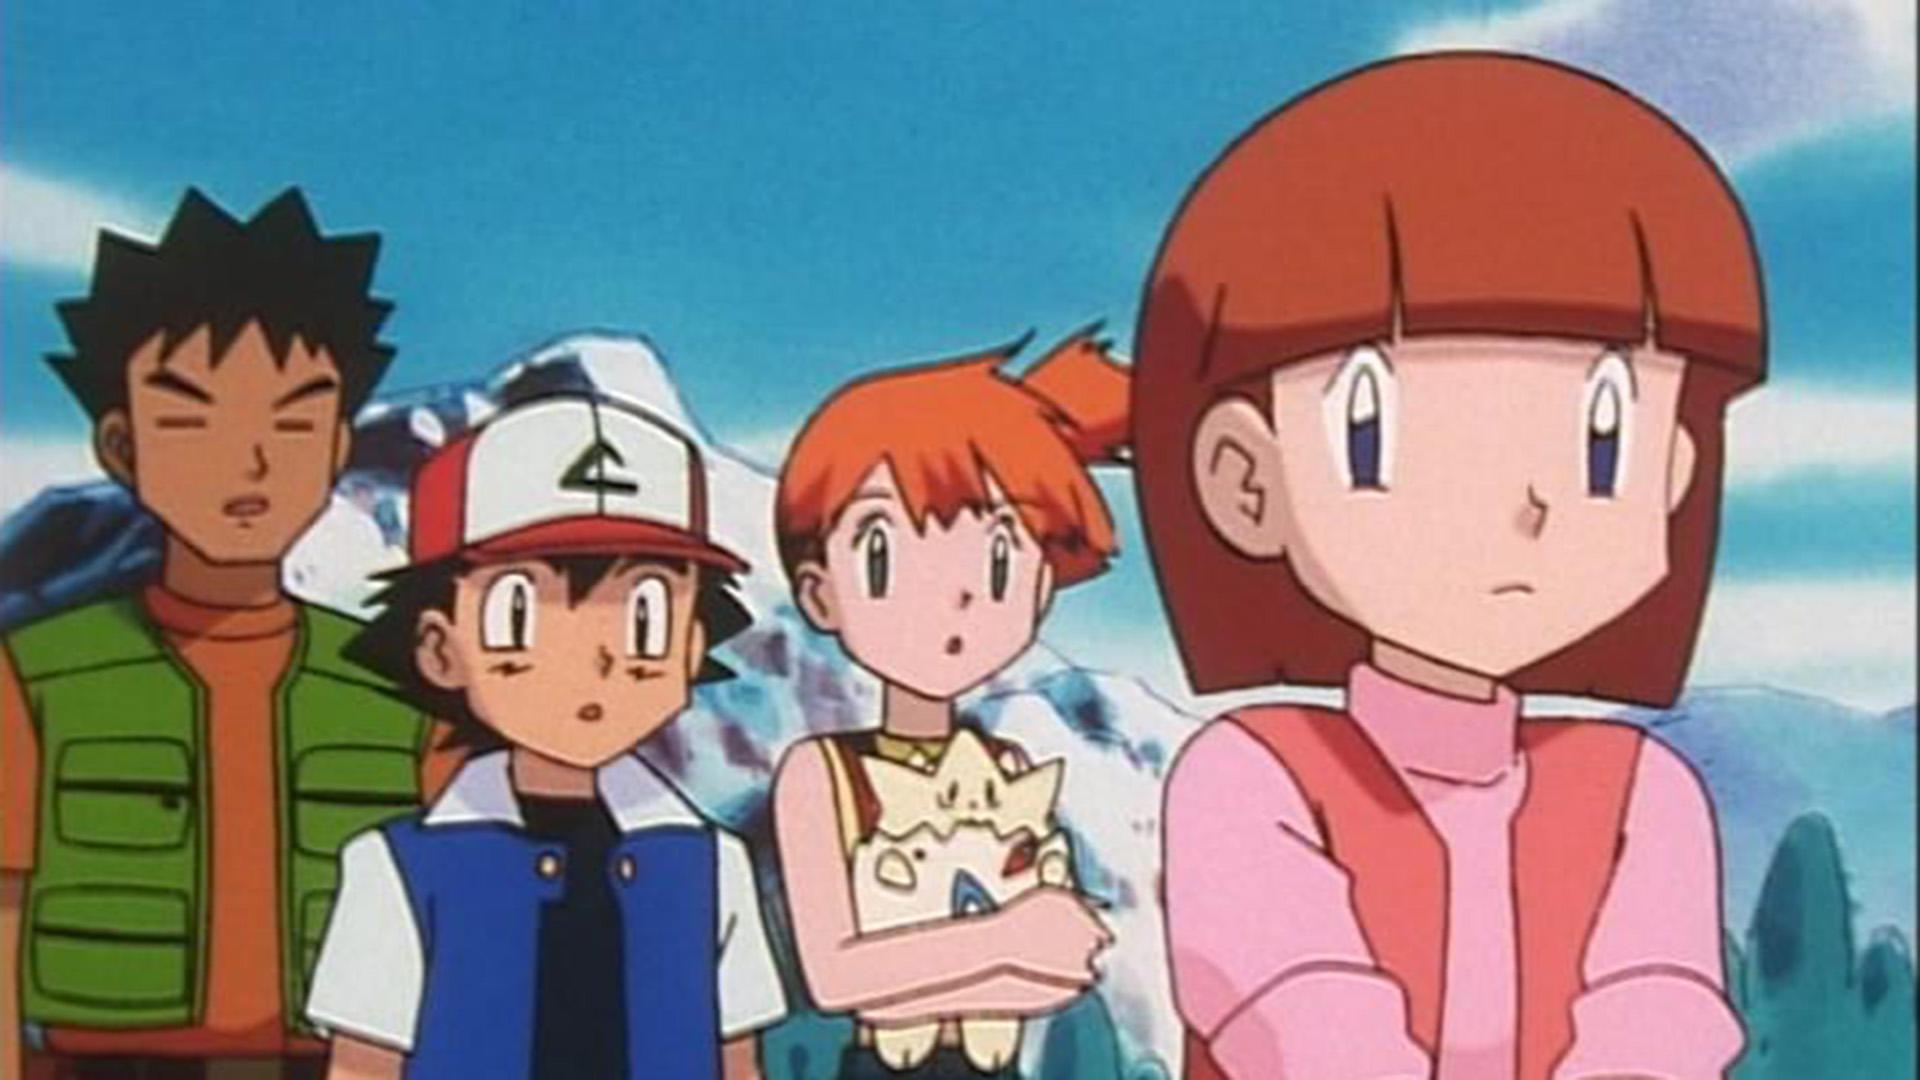 Folge 141 vom 29.06.2020   Pokémon: Die Johto Reisen / 3   Staffel 3